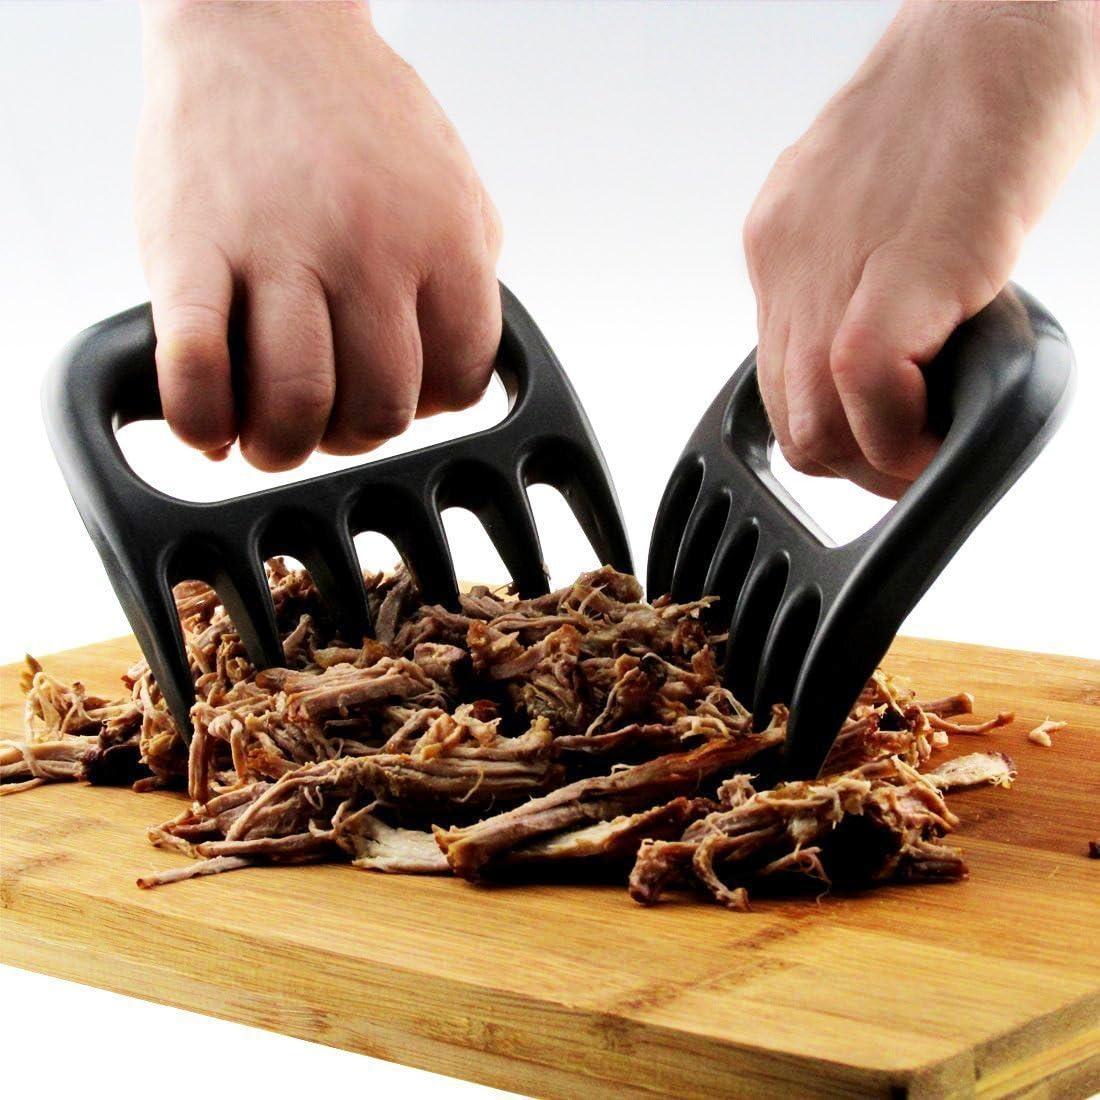 Tovantoe Bear claws9353 Meat Handler Carving Forks Set of 2 Black